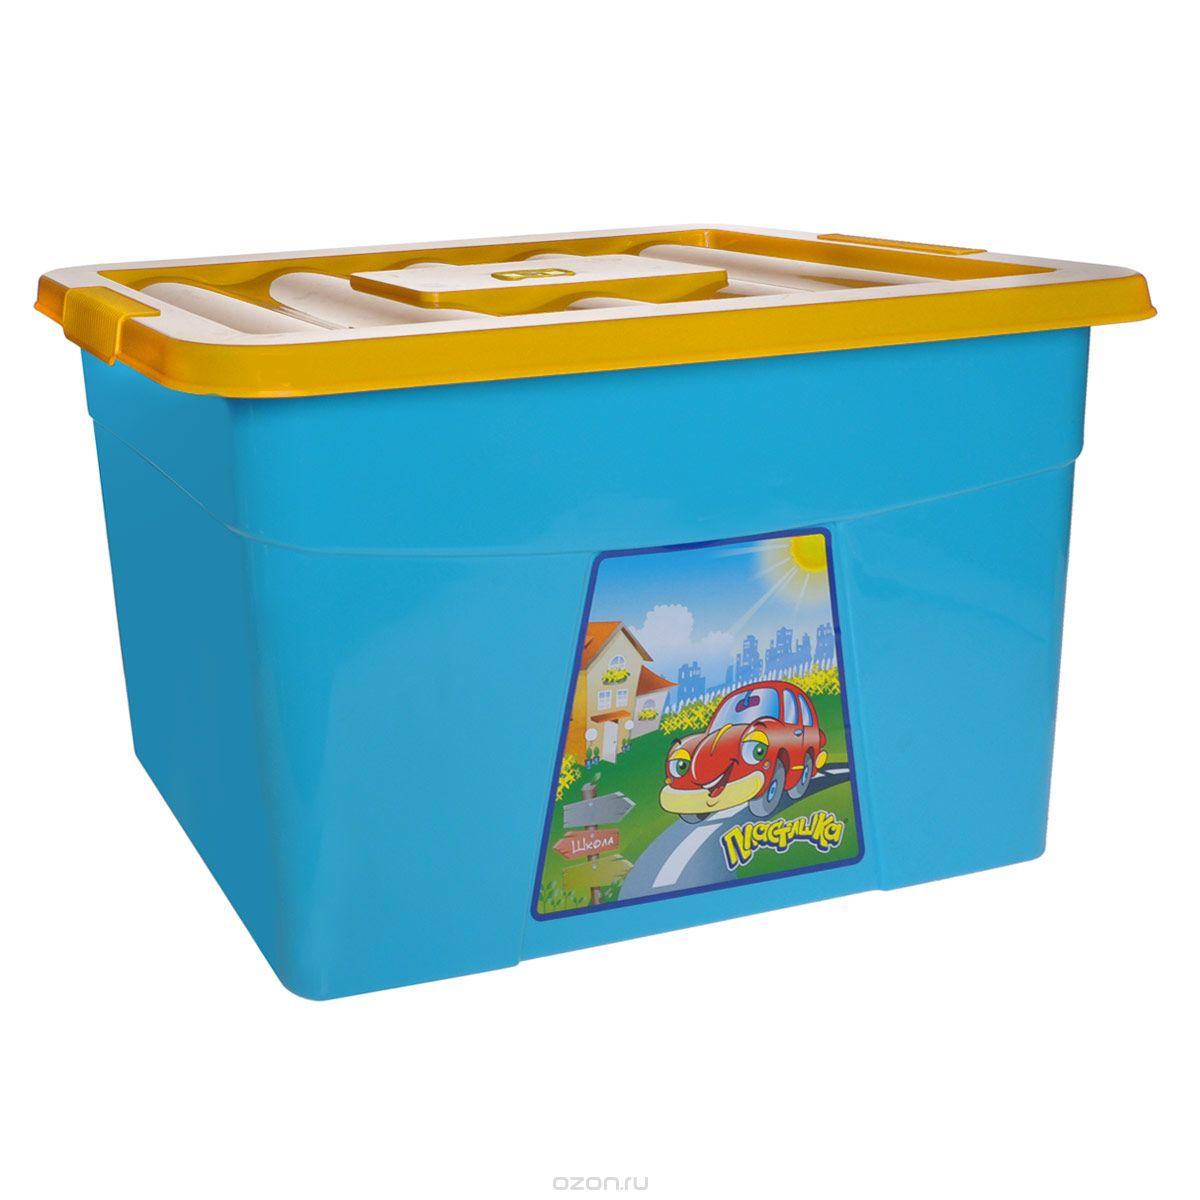 Пластишка Ящик для игрушек на колесиках цвет голубой желтый 60 см х 40 см х 36 смRM-BOX-LMБольшой вместительный ящик предназначен для хранения игрушек, мелких предметов, детских конструкторов. На дне ящика есть колесики, благодаря которым ребенок сможет сам передвигать ящик по комнате. Удобный ящик защитит содержимое от пыли, влаги, грязи. Он выполнен из высококачественного экологически чистого, прочного материала. Яркий, красивый дизайн ящика на колесах и его функциональность по достоинству оценят родители и дети.